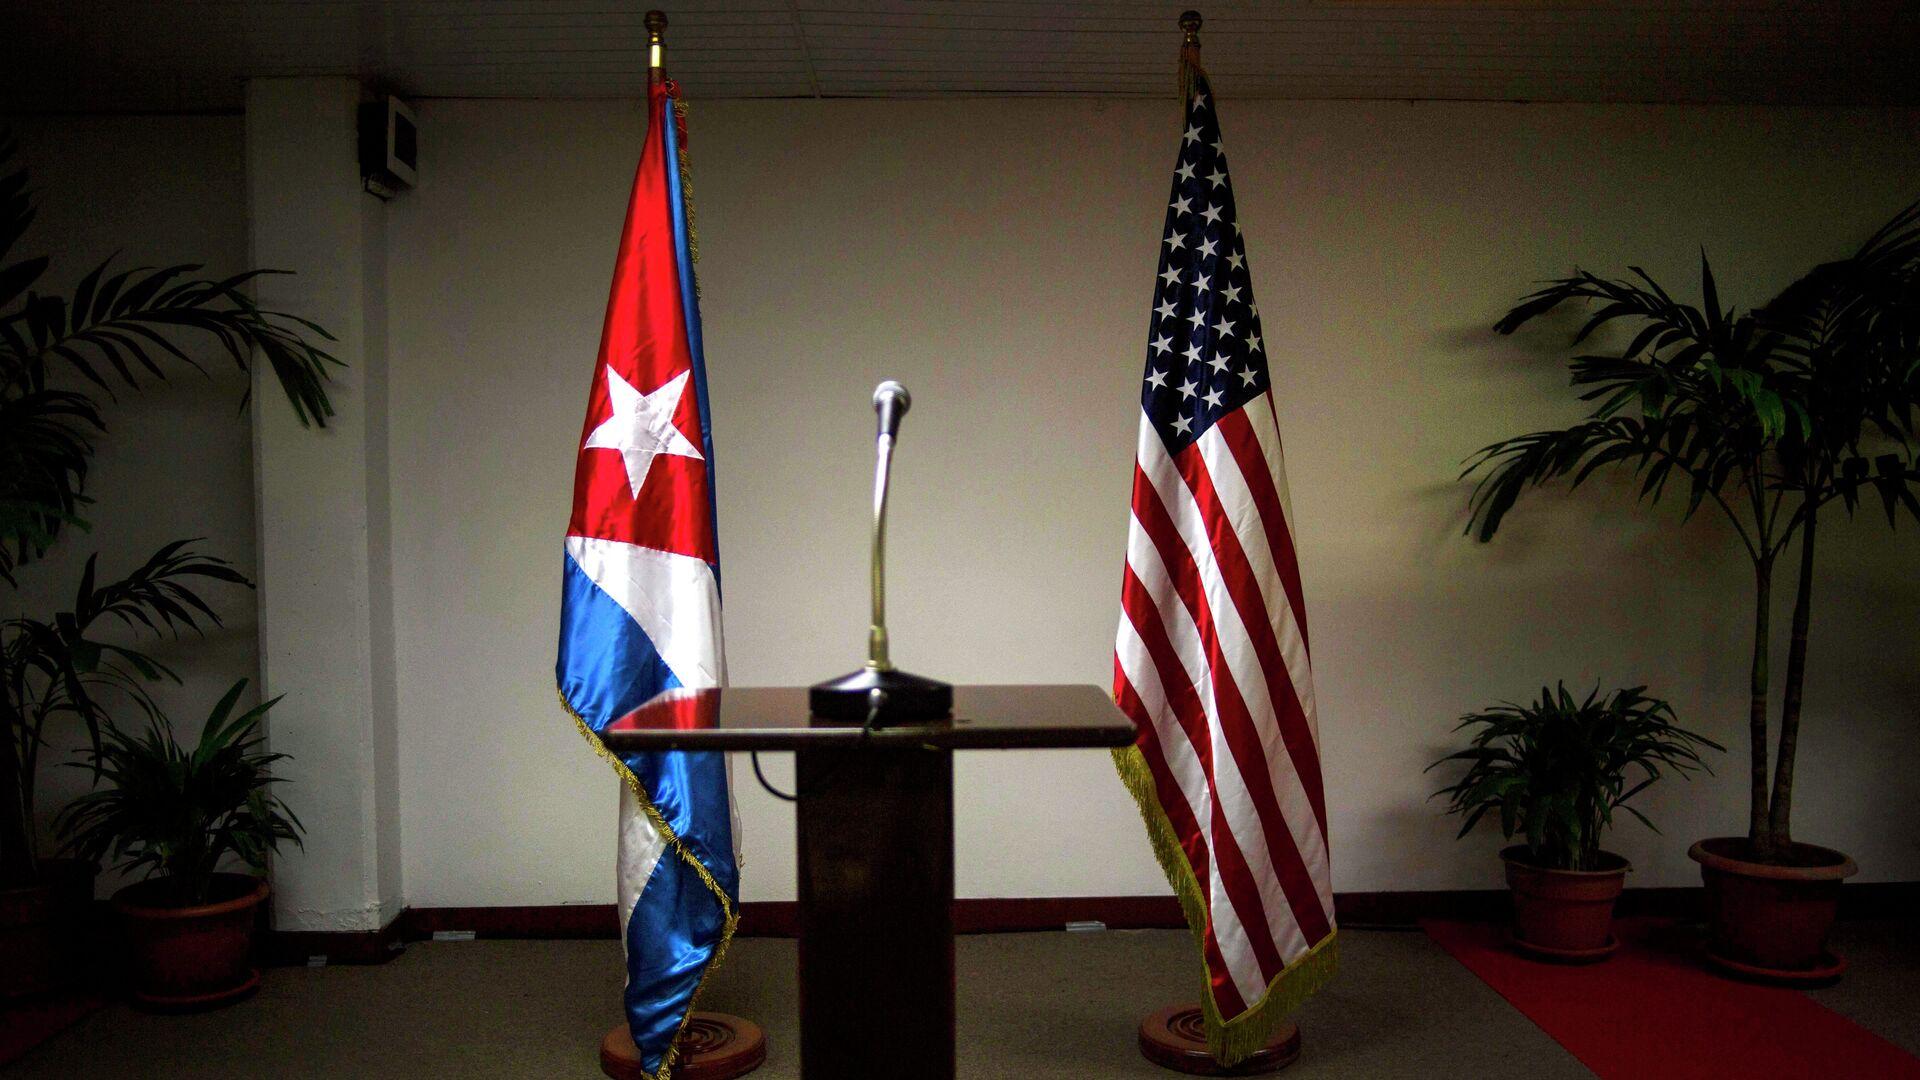 Banderas de EEUU y Cuba - Sputnik Mundo, 1920, 01.06.2021